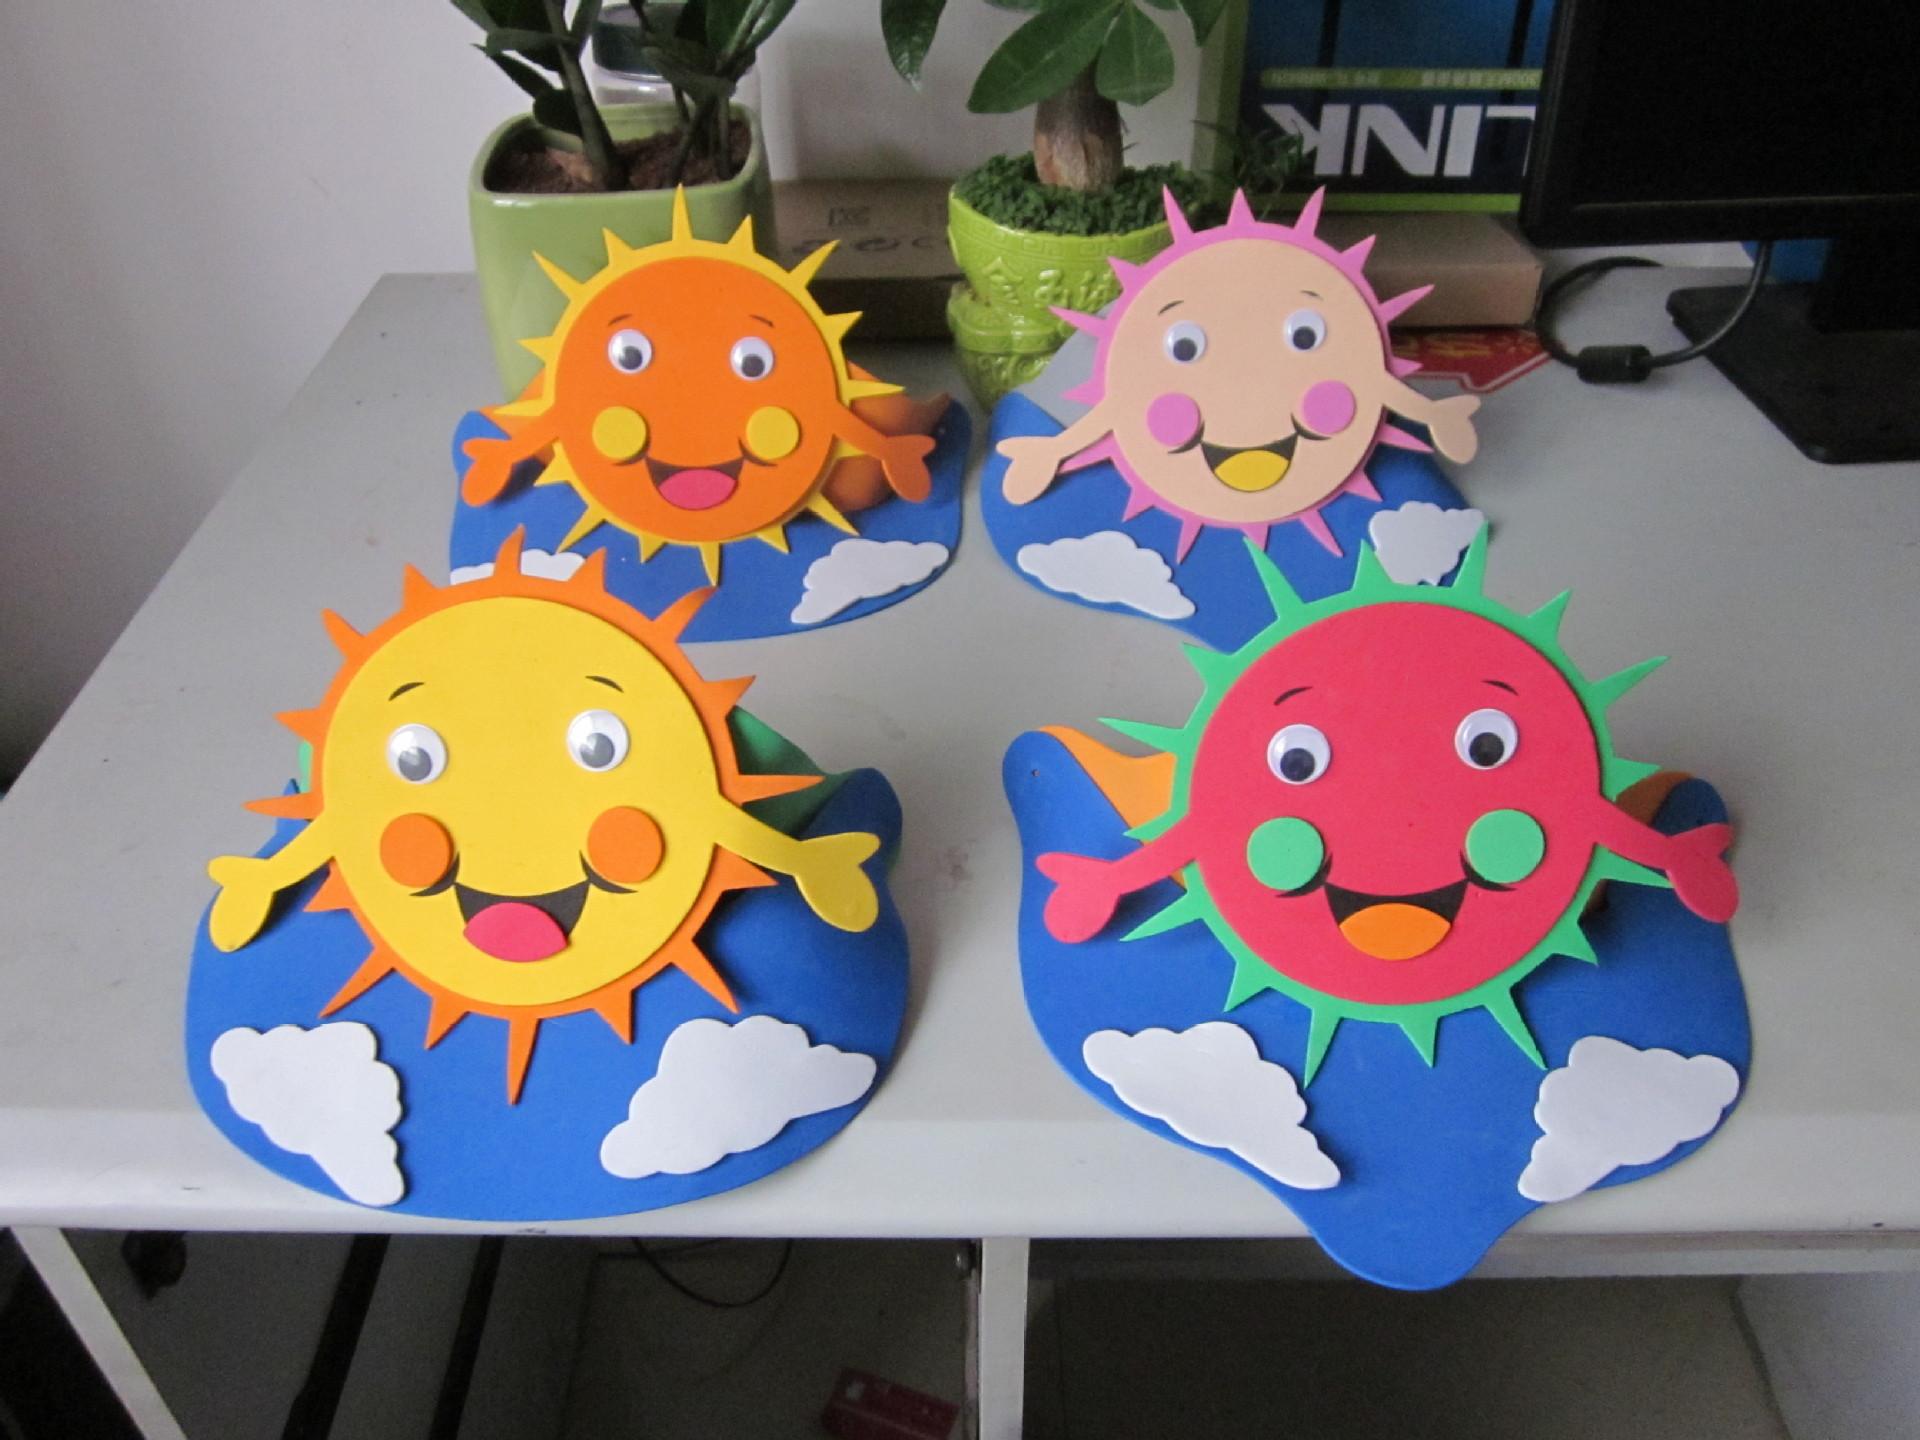 eva新款太阳头饰动物帽子 幼儿园道具 eva可爱动物头饰面具